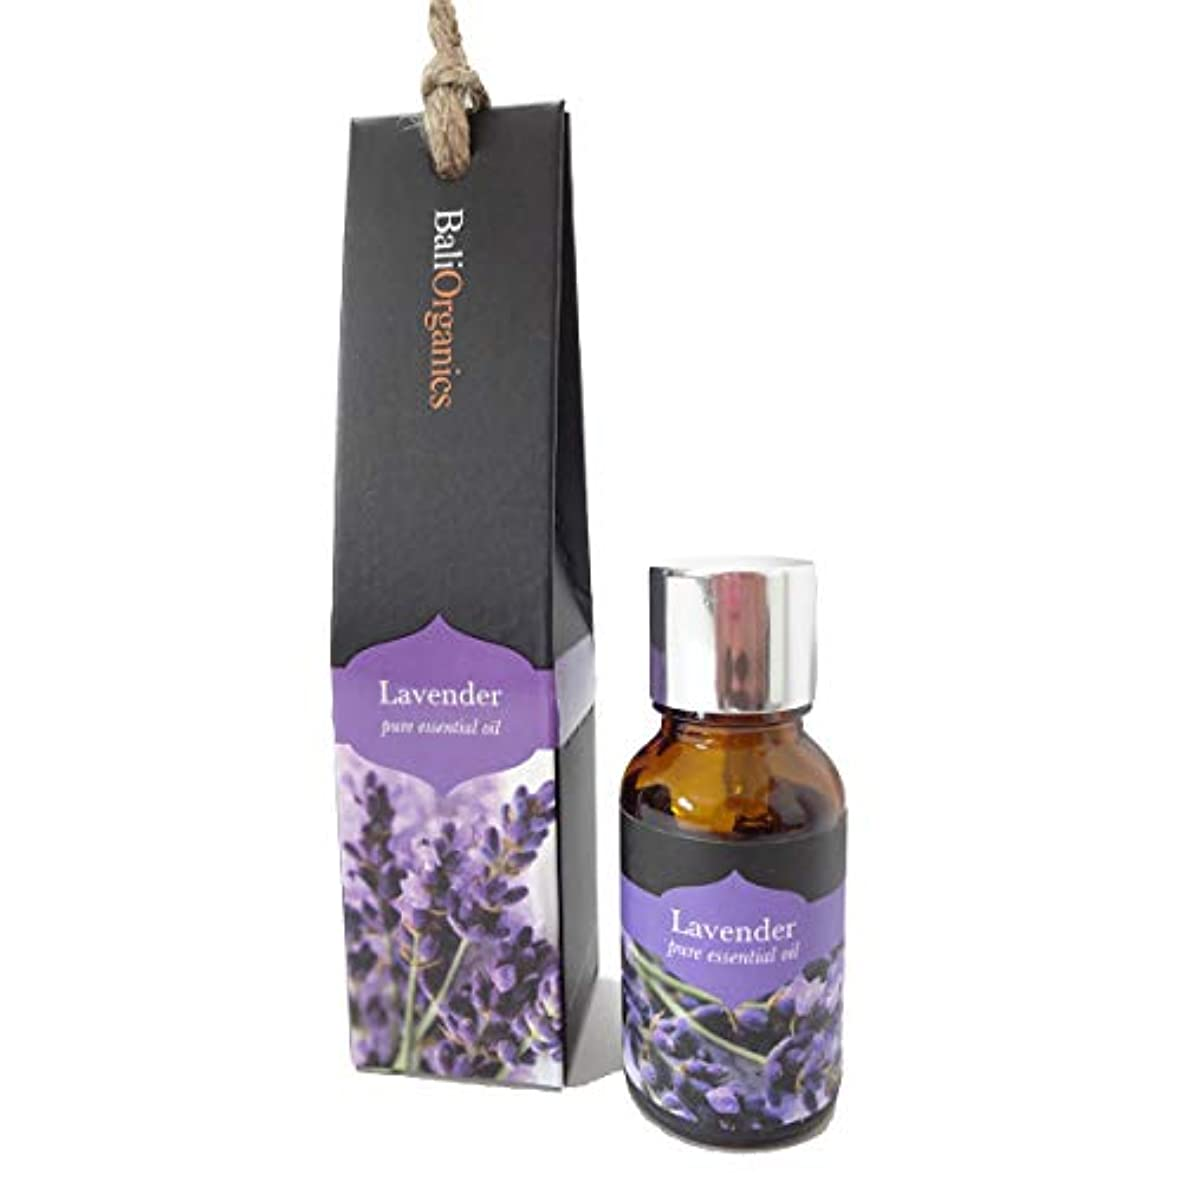 確実エレメンタル論理的Bali Organics バリオーガニック アロマ エッセンシャルオイル Lavender ラベンダー 15ml